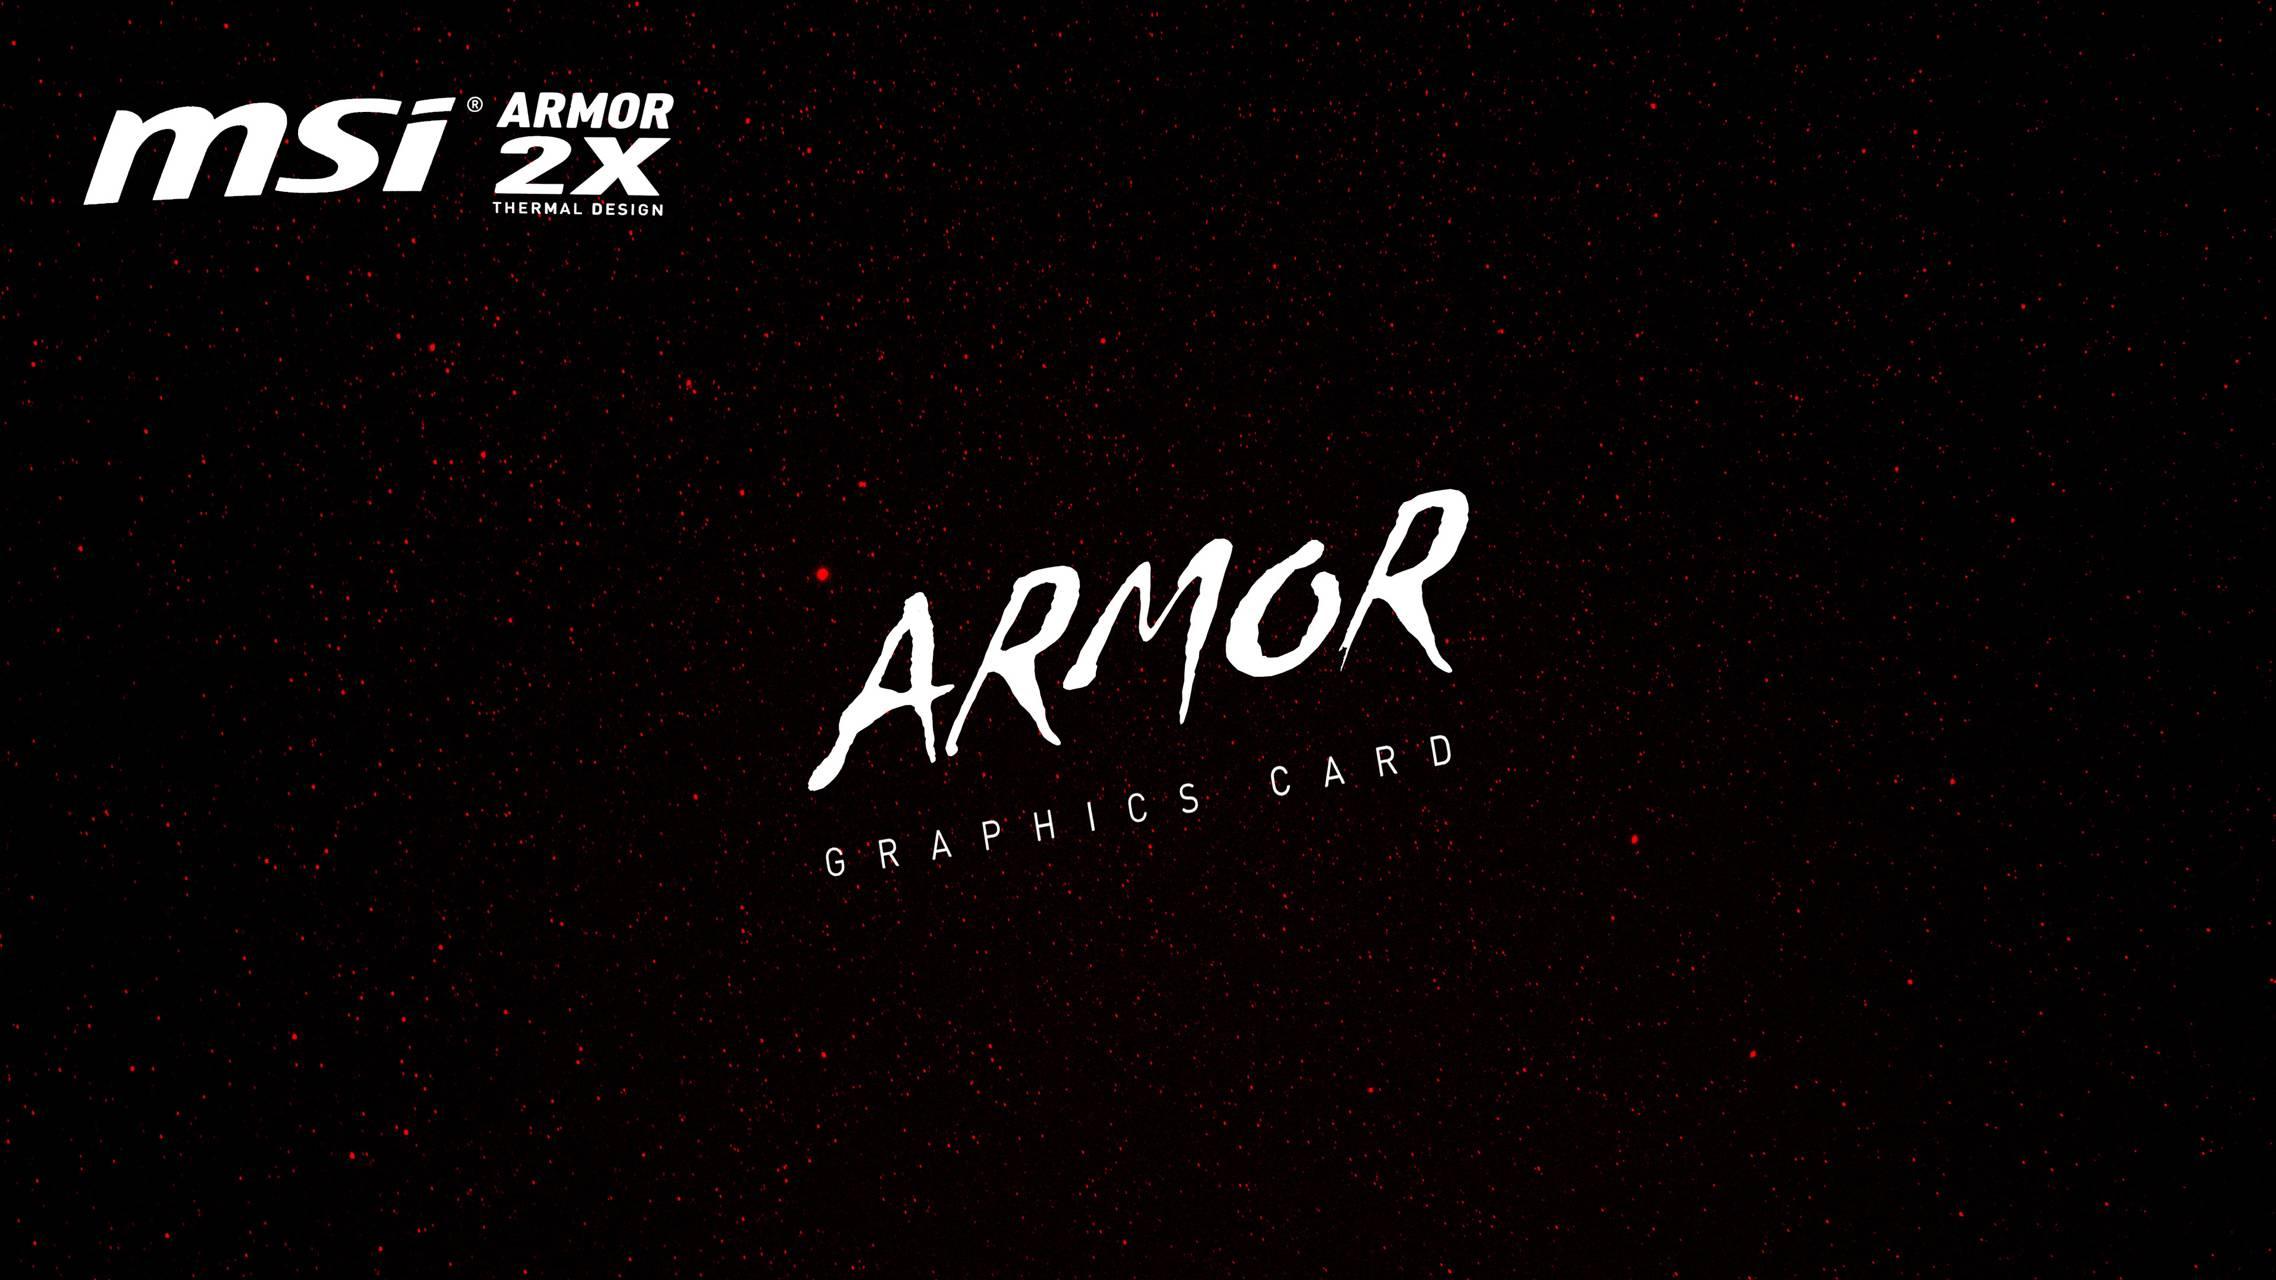 msi armor